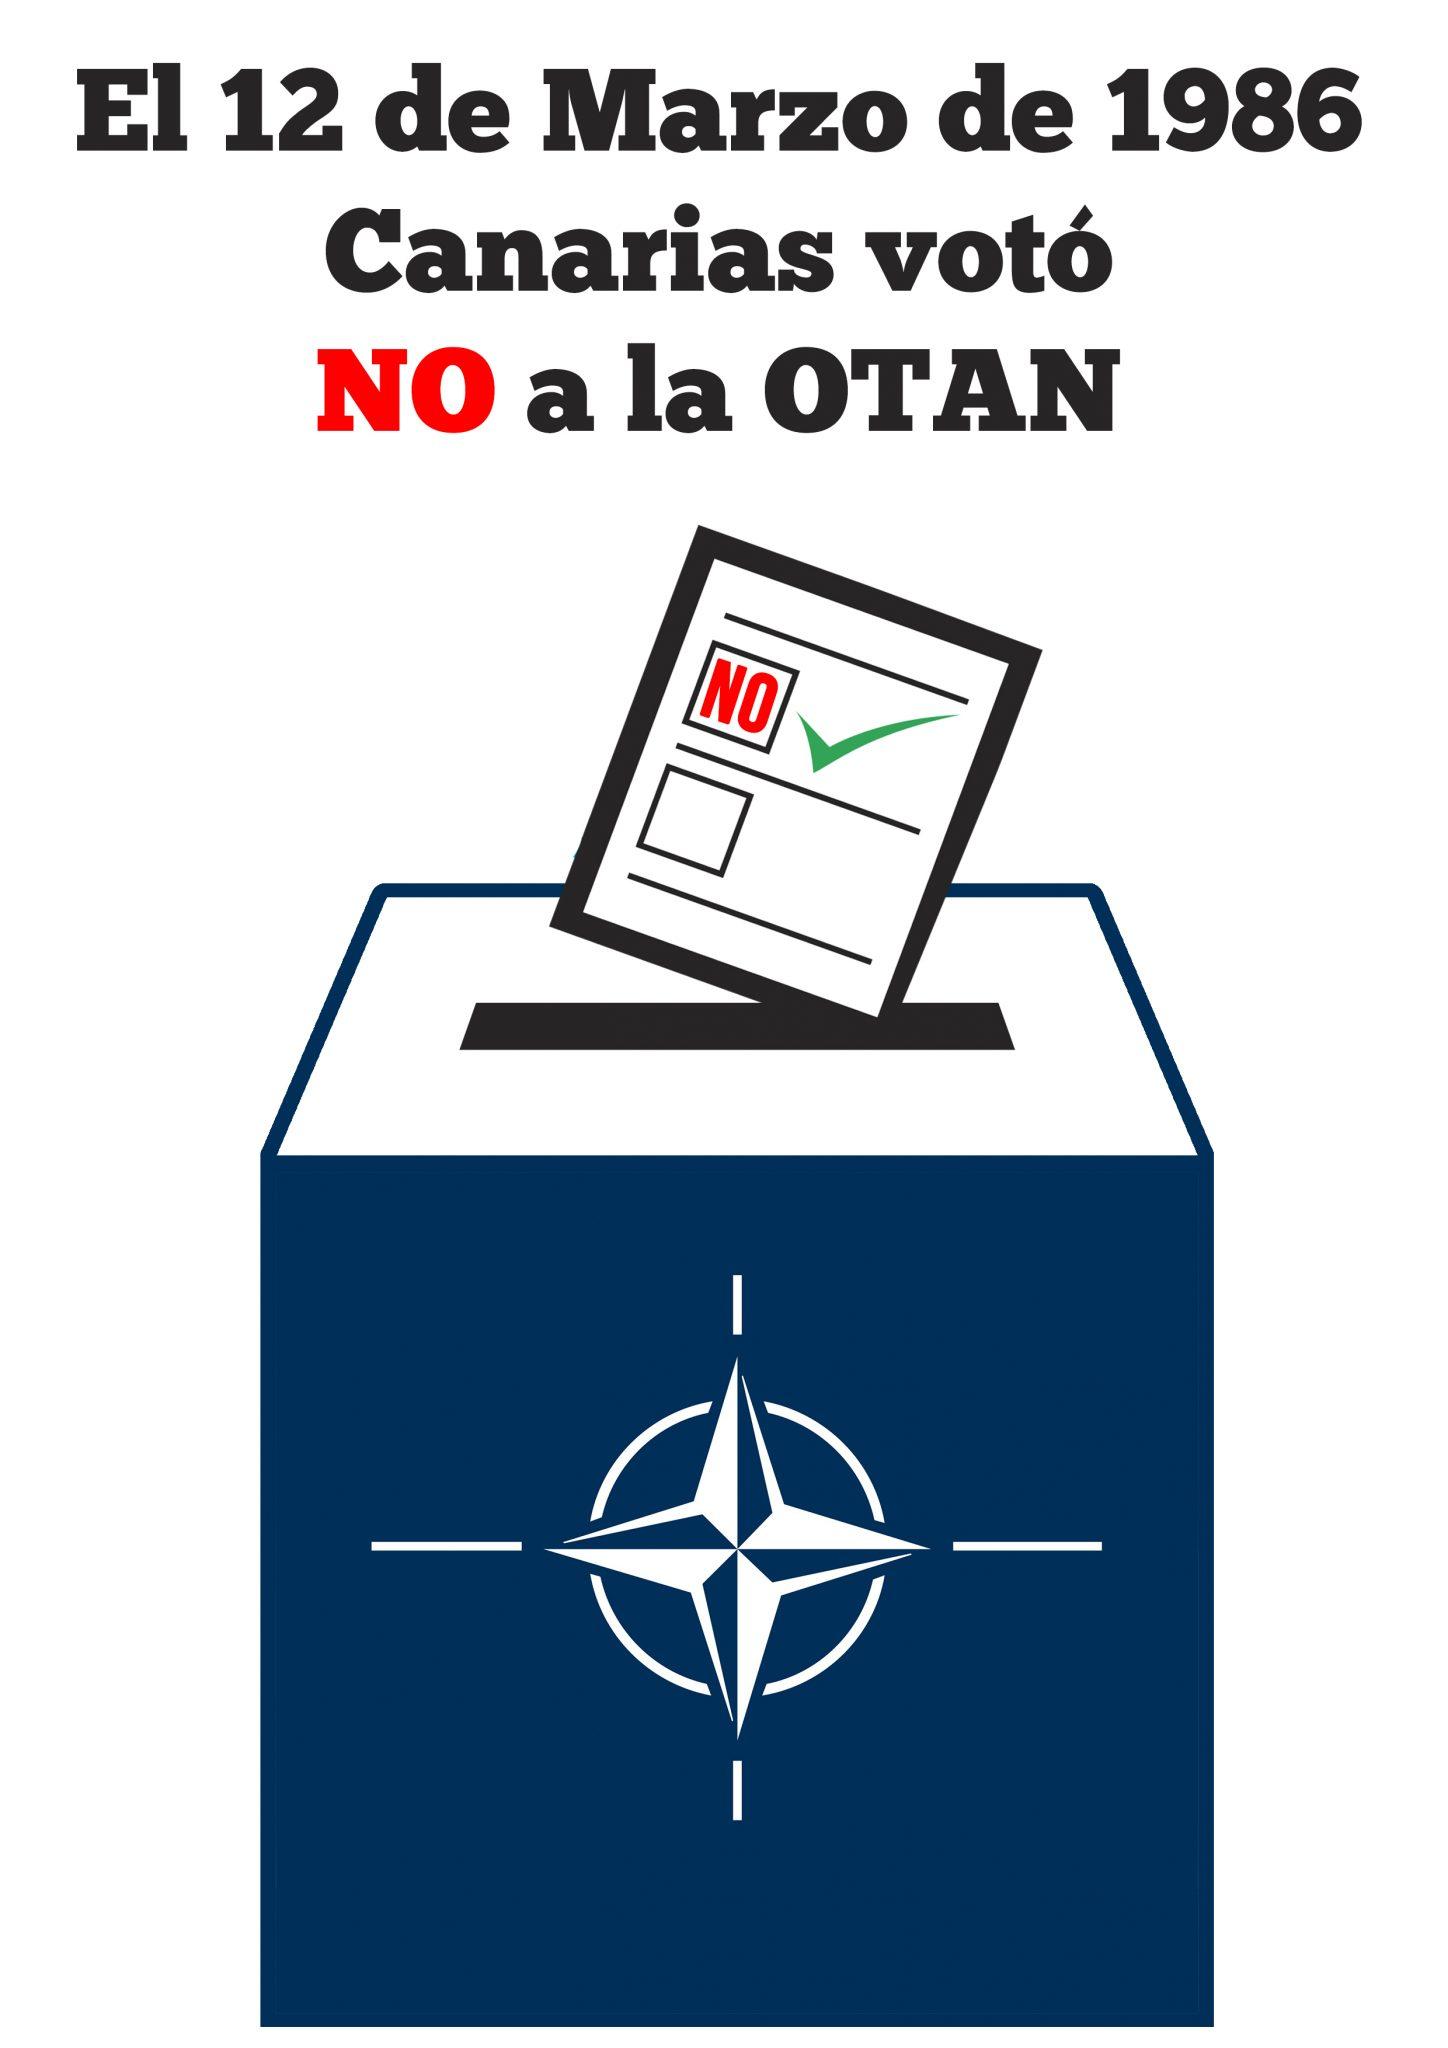 Canarias dijo No el 12 de marzo de 1986